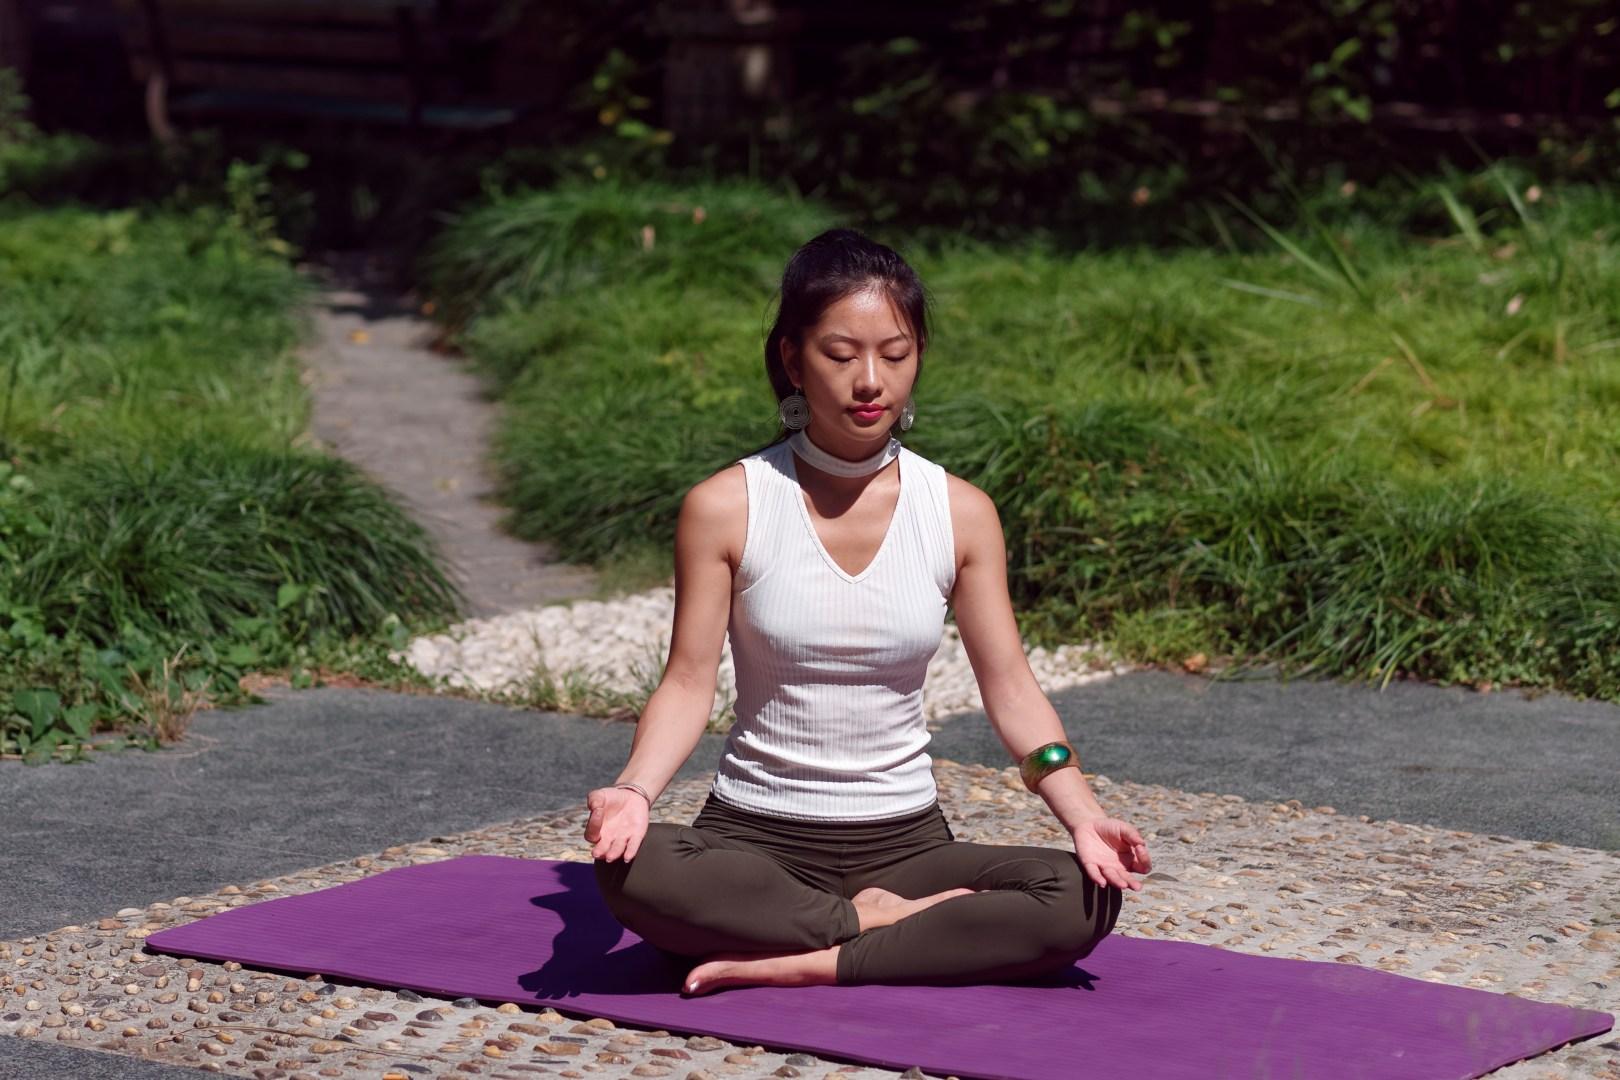 盤膝靜坐,閉目養神,徐徐吸氣,緩緩呼氣。清心而自制,養神而少慮。(Shutterstock)